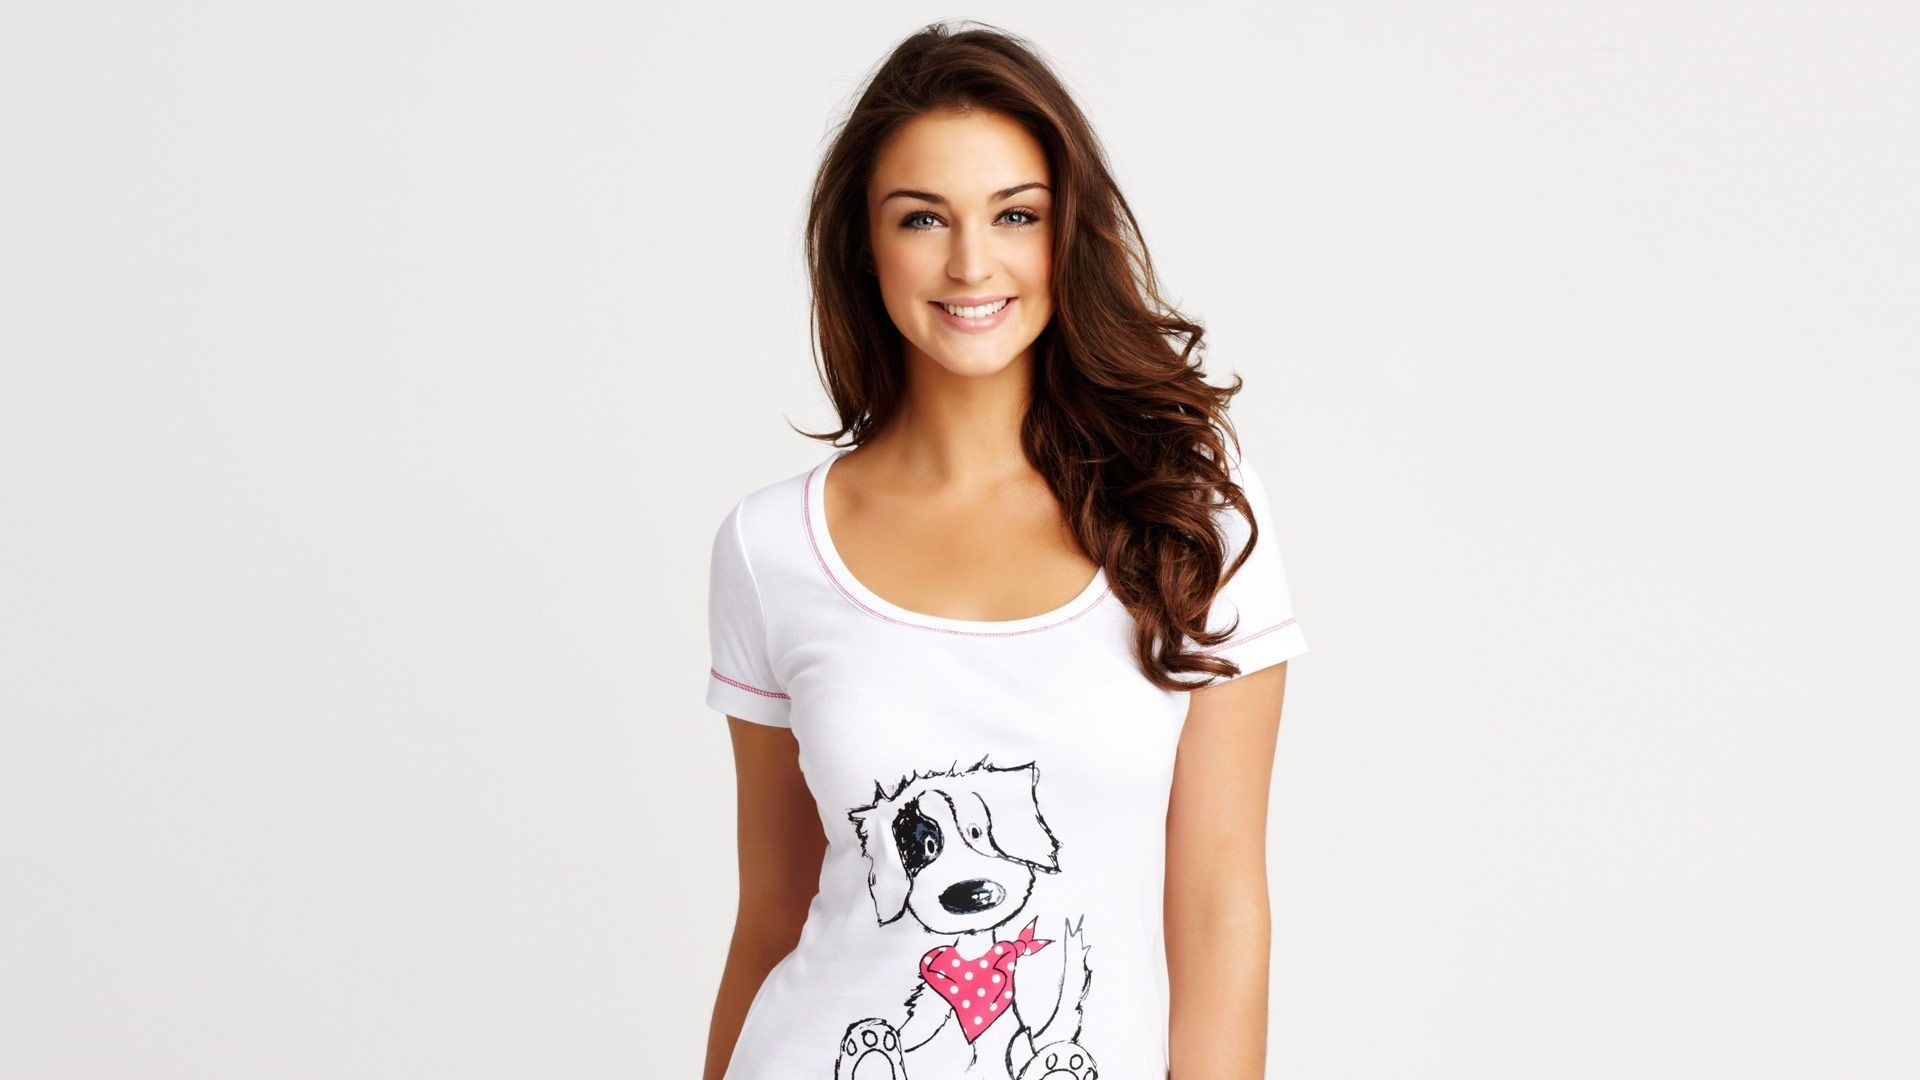 free girl model wallpaper 43670